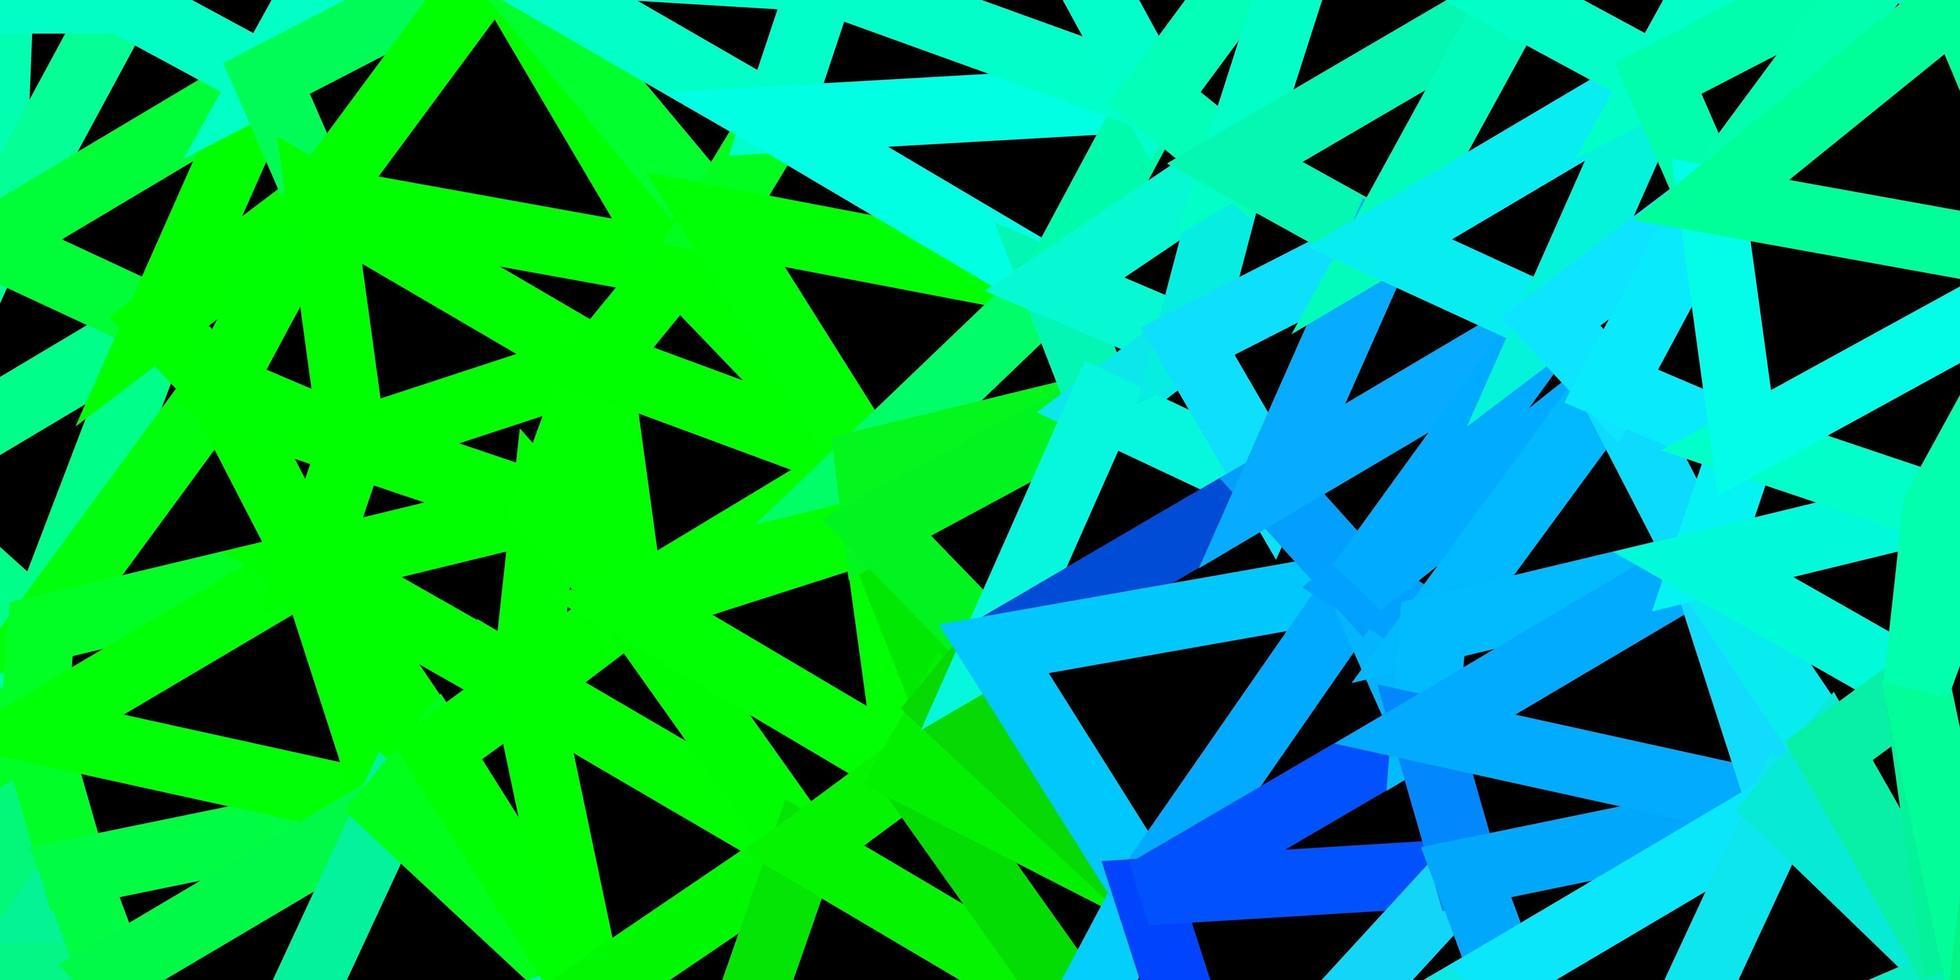 modelo de triângulo abstrato de vetor multicolorido escuro.